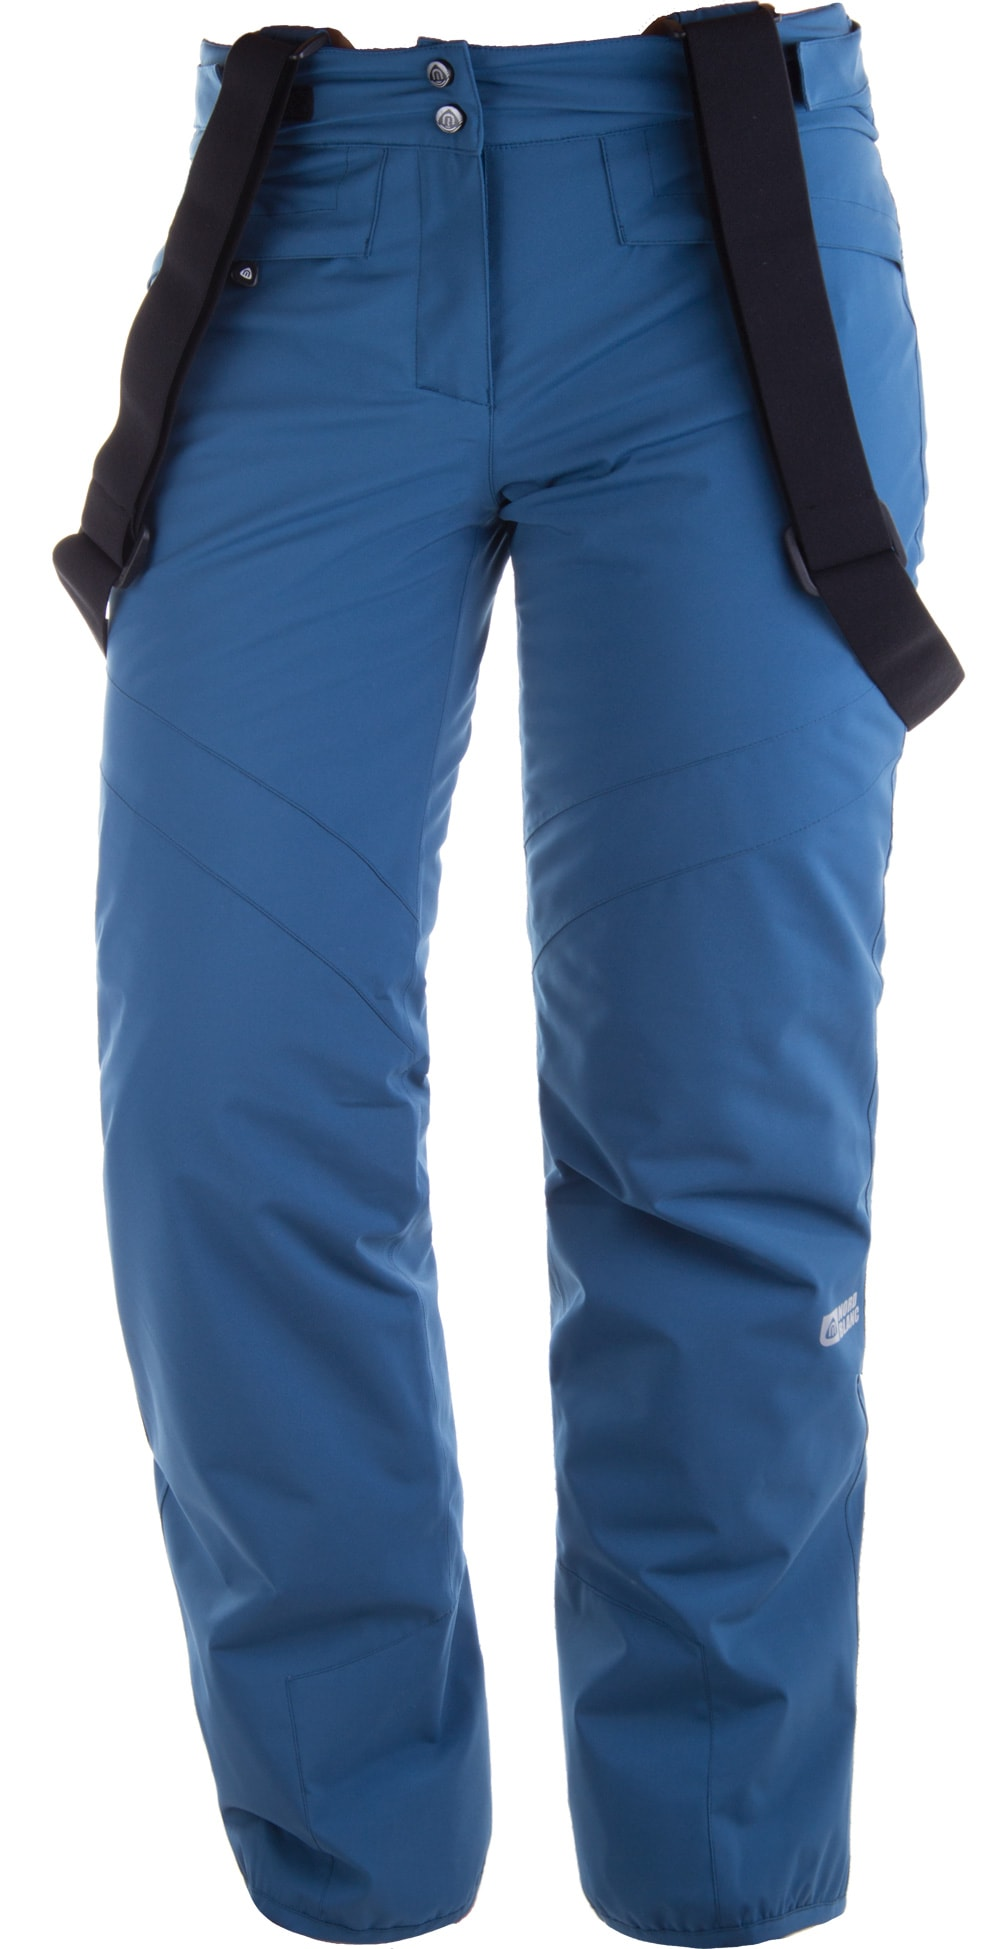 Lyžařské kalhoty dámské NORDBLANC Glee - NBWP6438